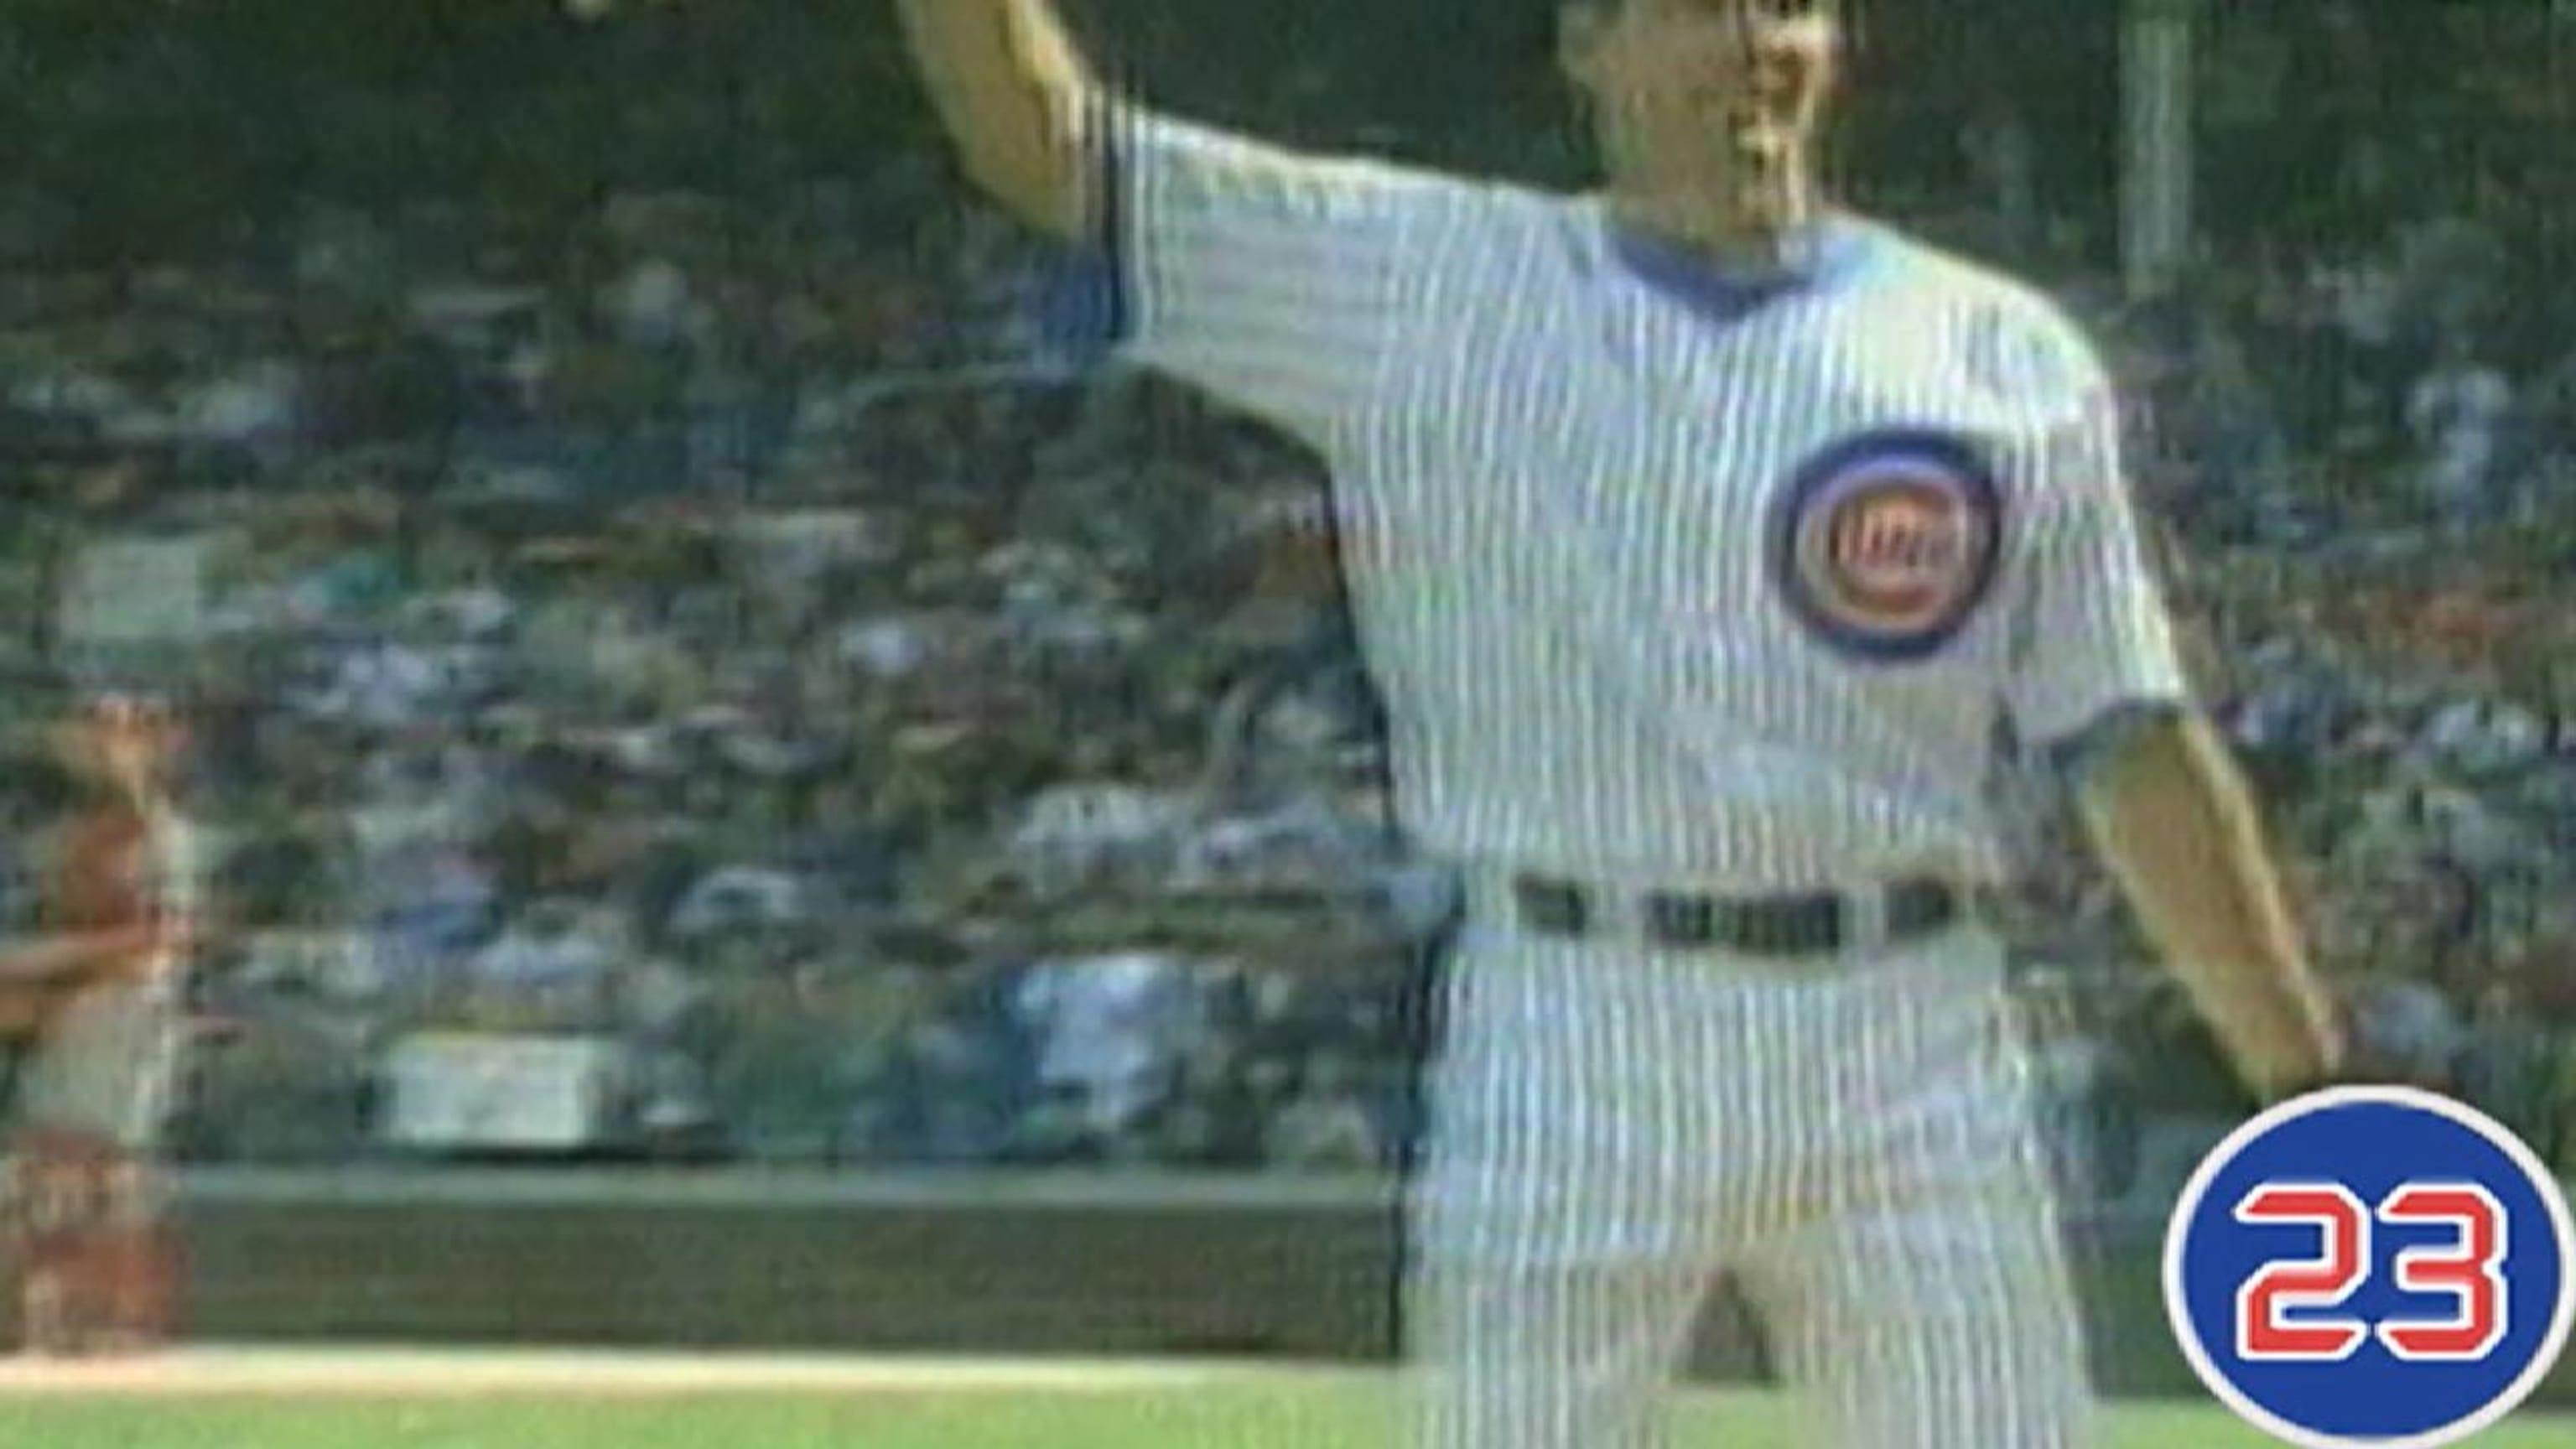 Cubs: Ryne Sandberg, No. 23